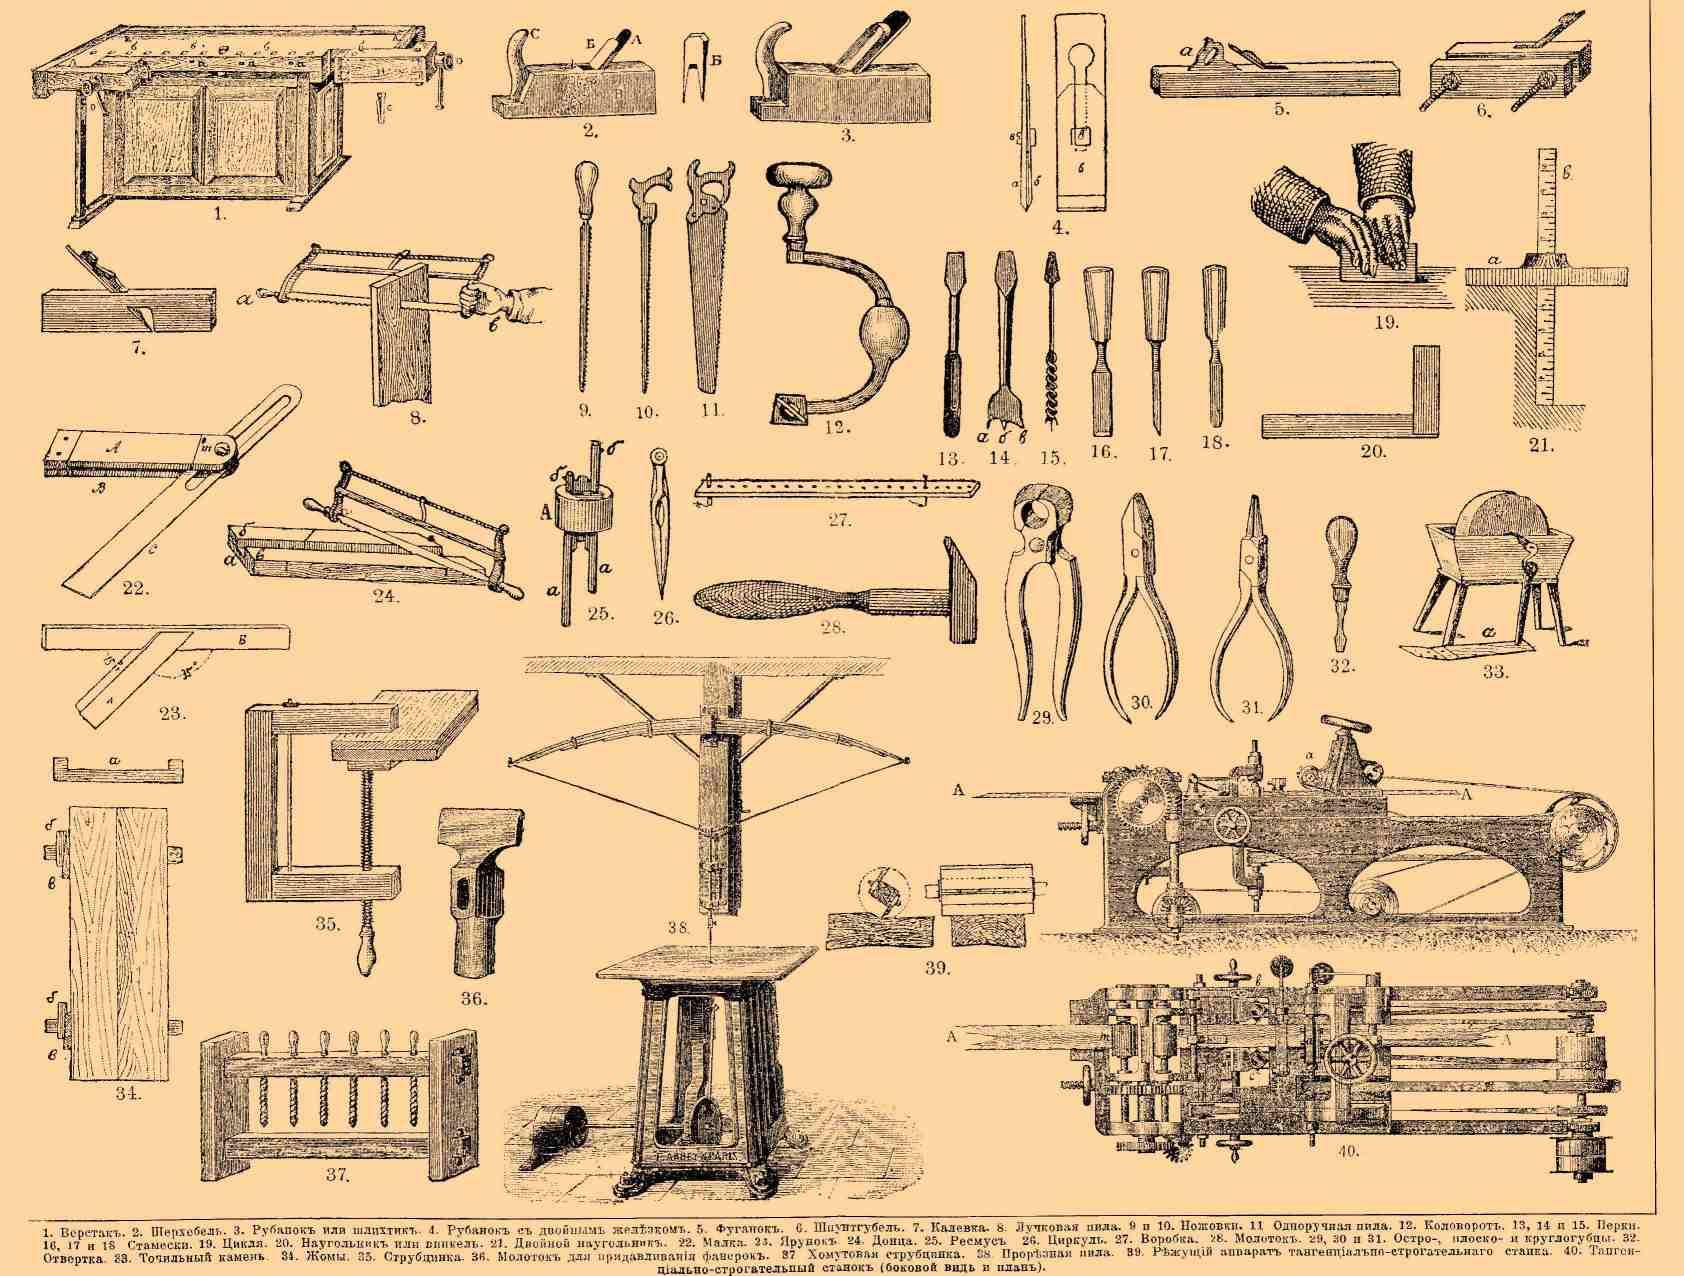 Верстак столярный схемы и размеры